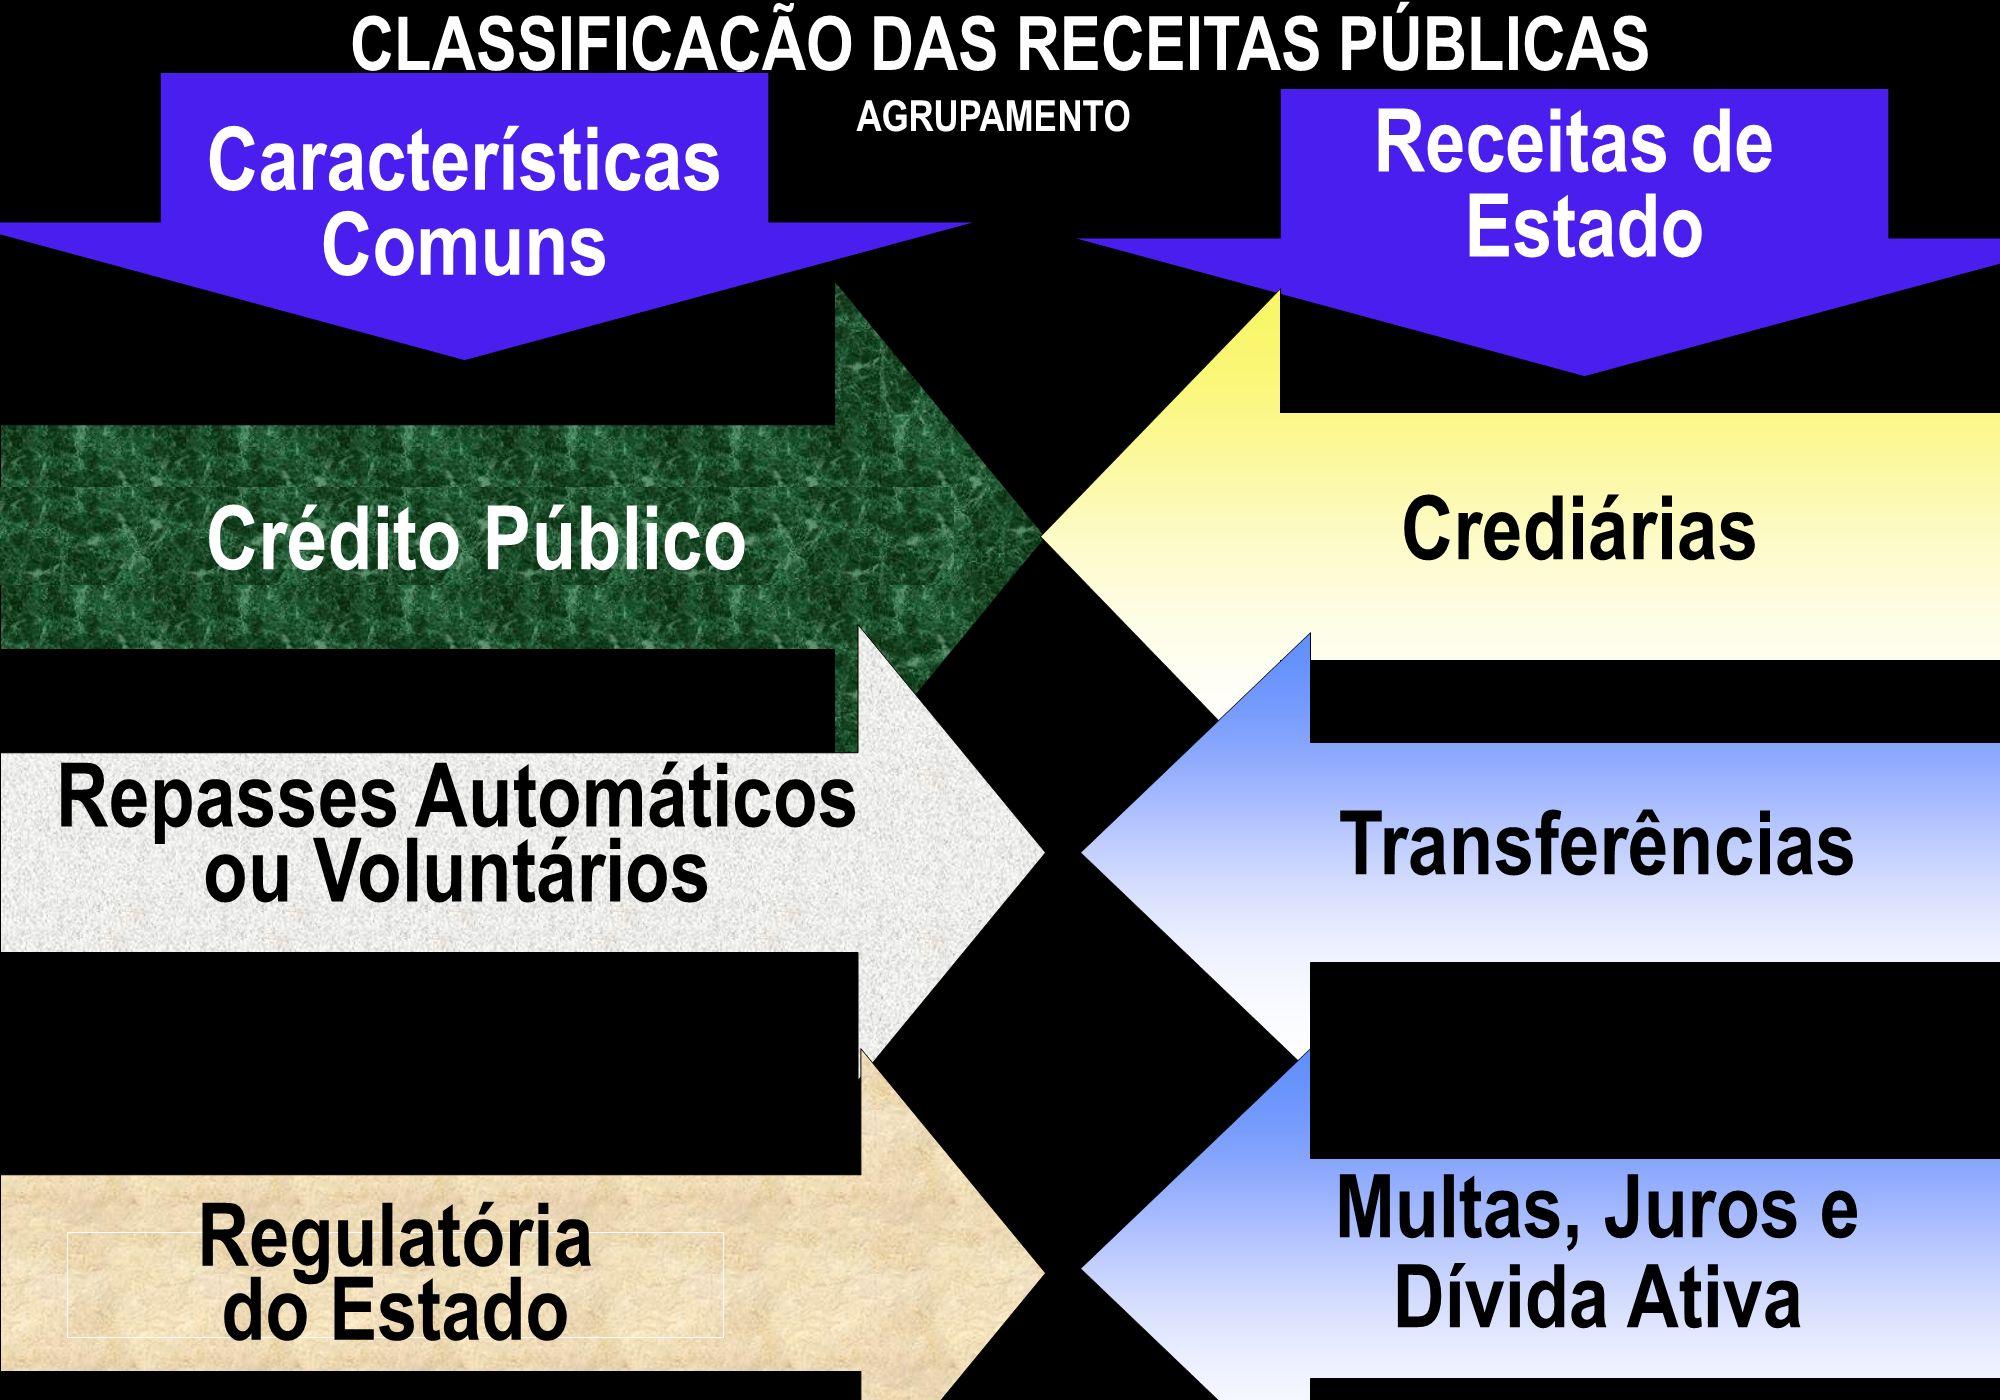 Crédito Público CLASSIFICAÇÃO DAS RECEITAS PÚBLICAS AGRUPAMENTO Repasses Automáticos ou Voluntários Regulatória do Estado Características Comuns Recei